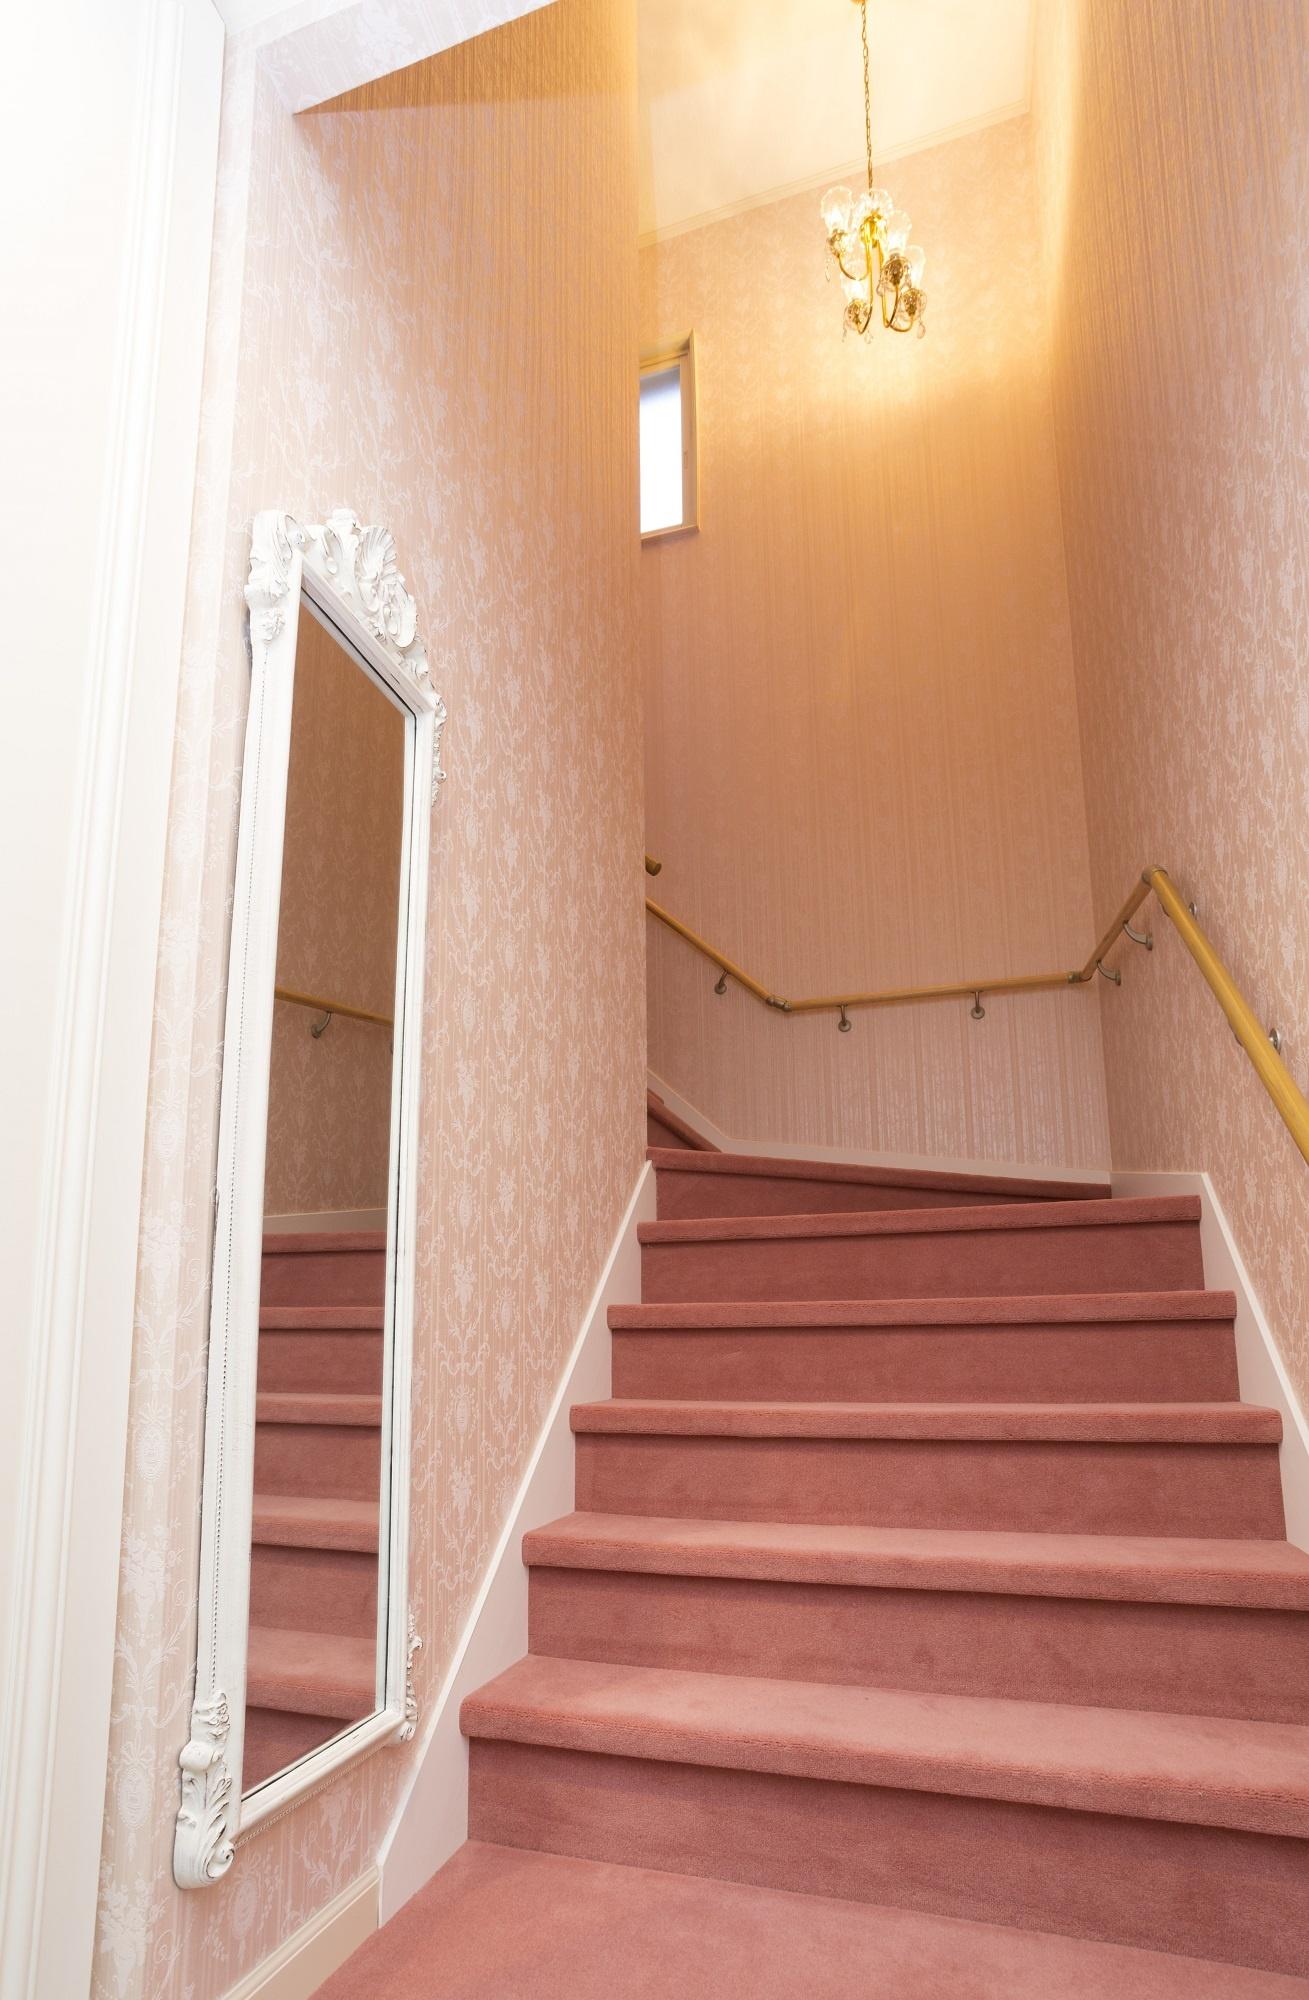 2階住居部へつながる室内ドアは既存を塗り直して流用。リビングのサーモンソファと同系色のカーペットで階段にも統一感